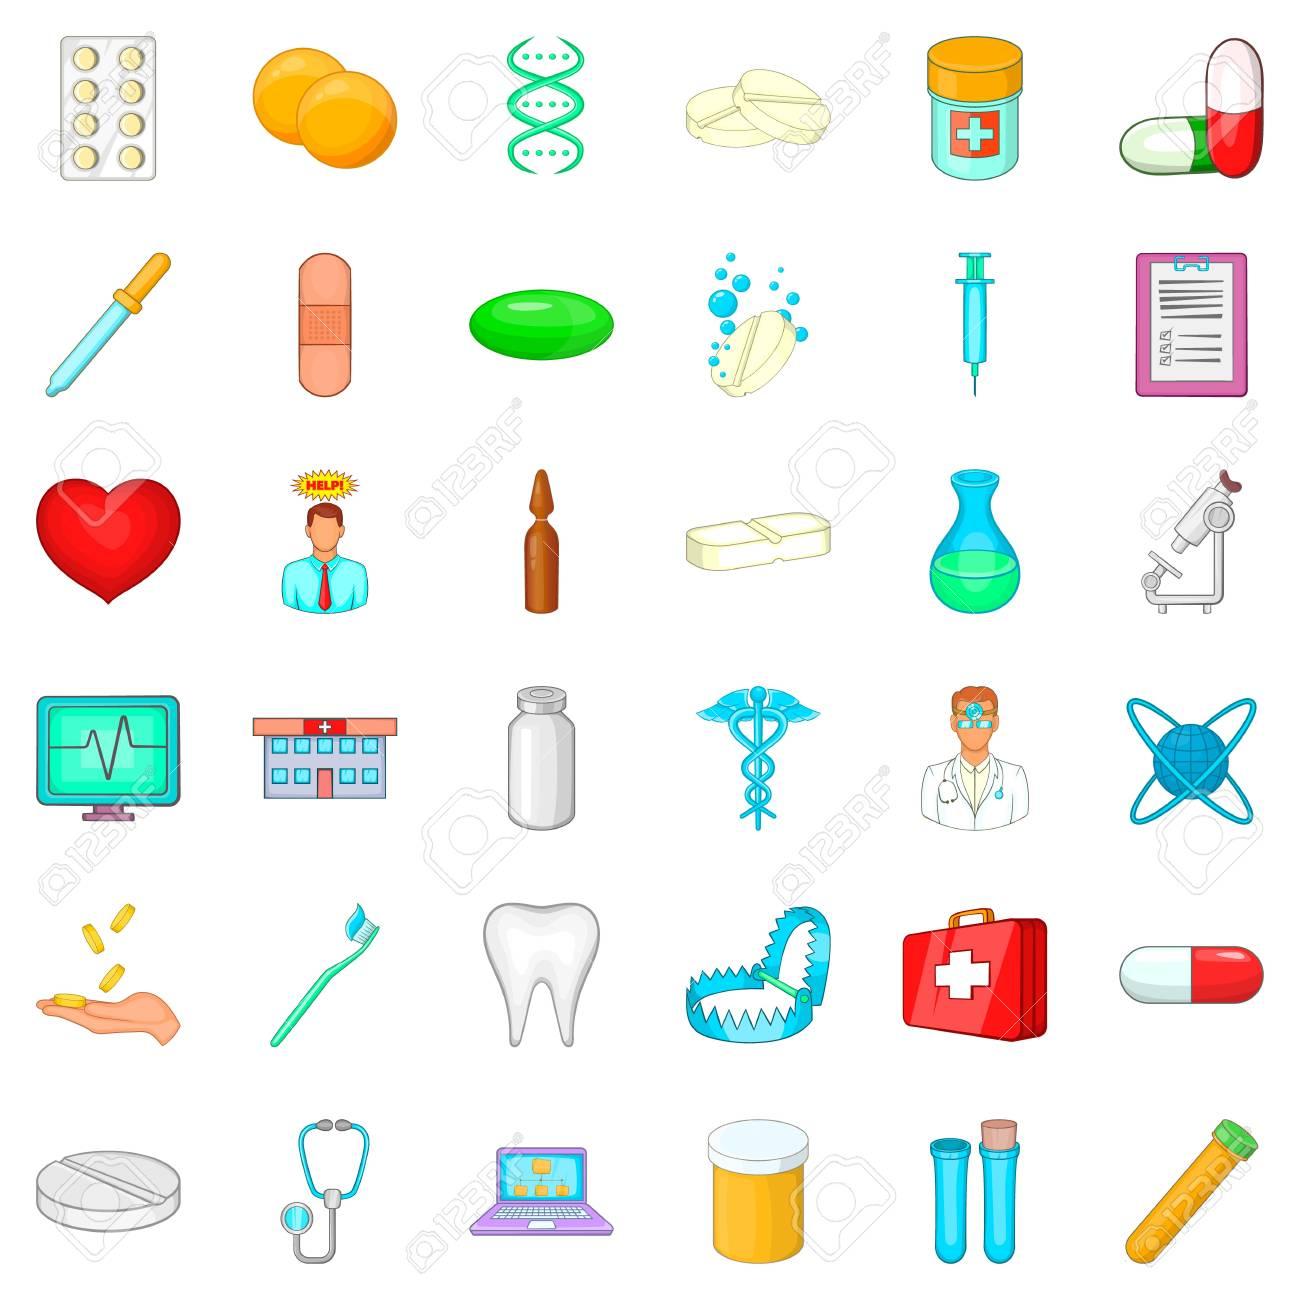 Hospital Icon set